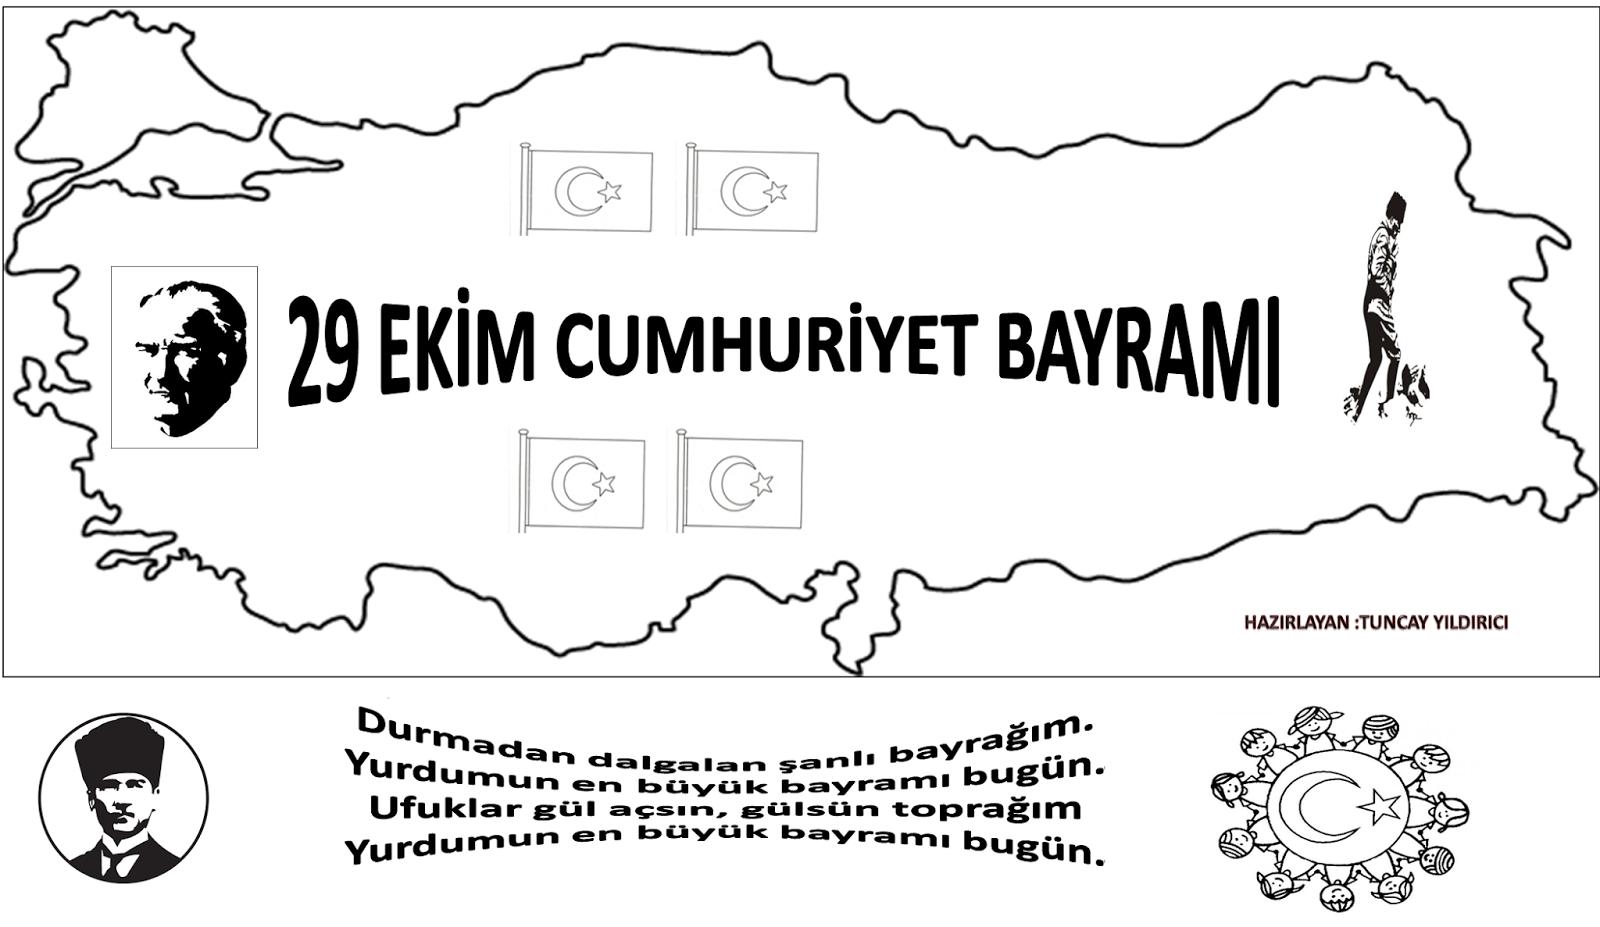 Cumhuriyet Bayrami Boyamasayfasi 1 Sinif Ogretmenleri Icin